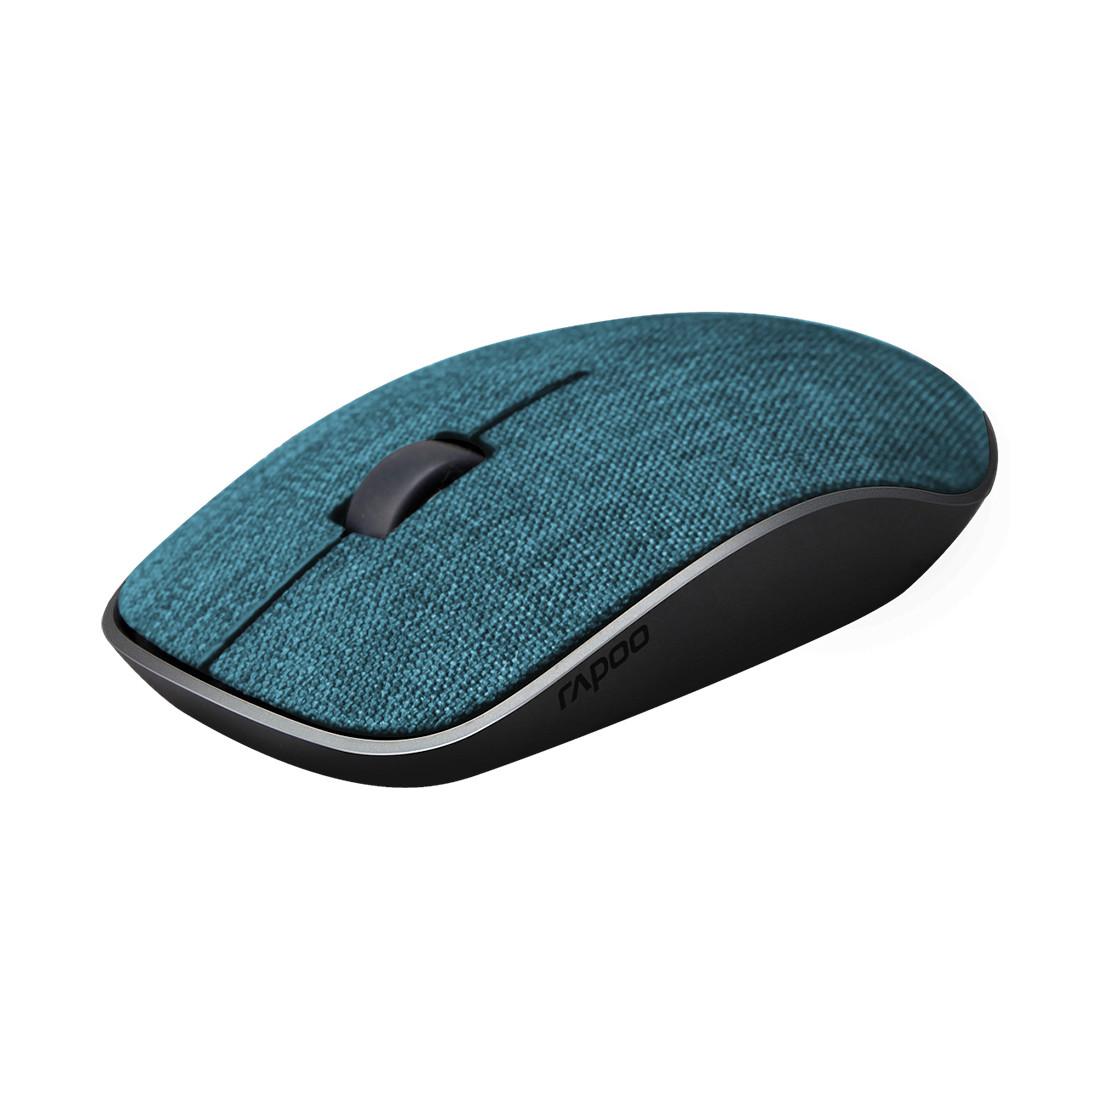 Компьютерная мышь Rapoo 3510 Plus (Беспроводной, Blue)